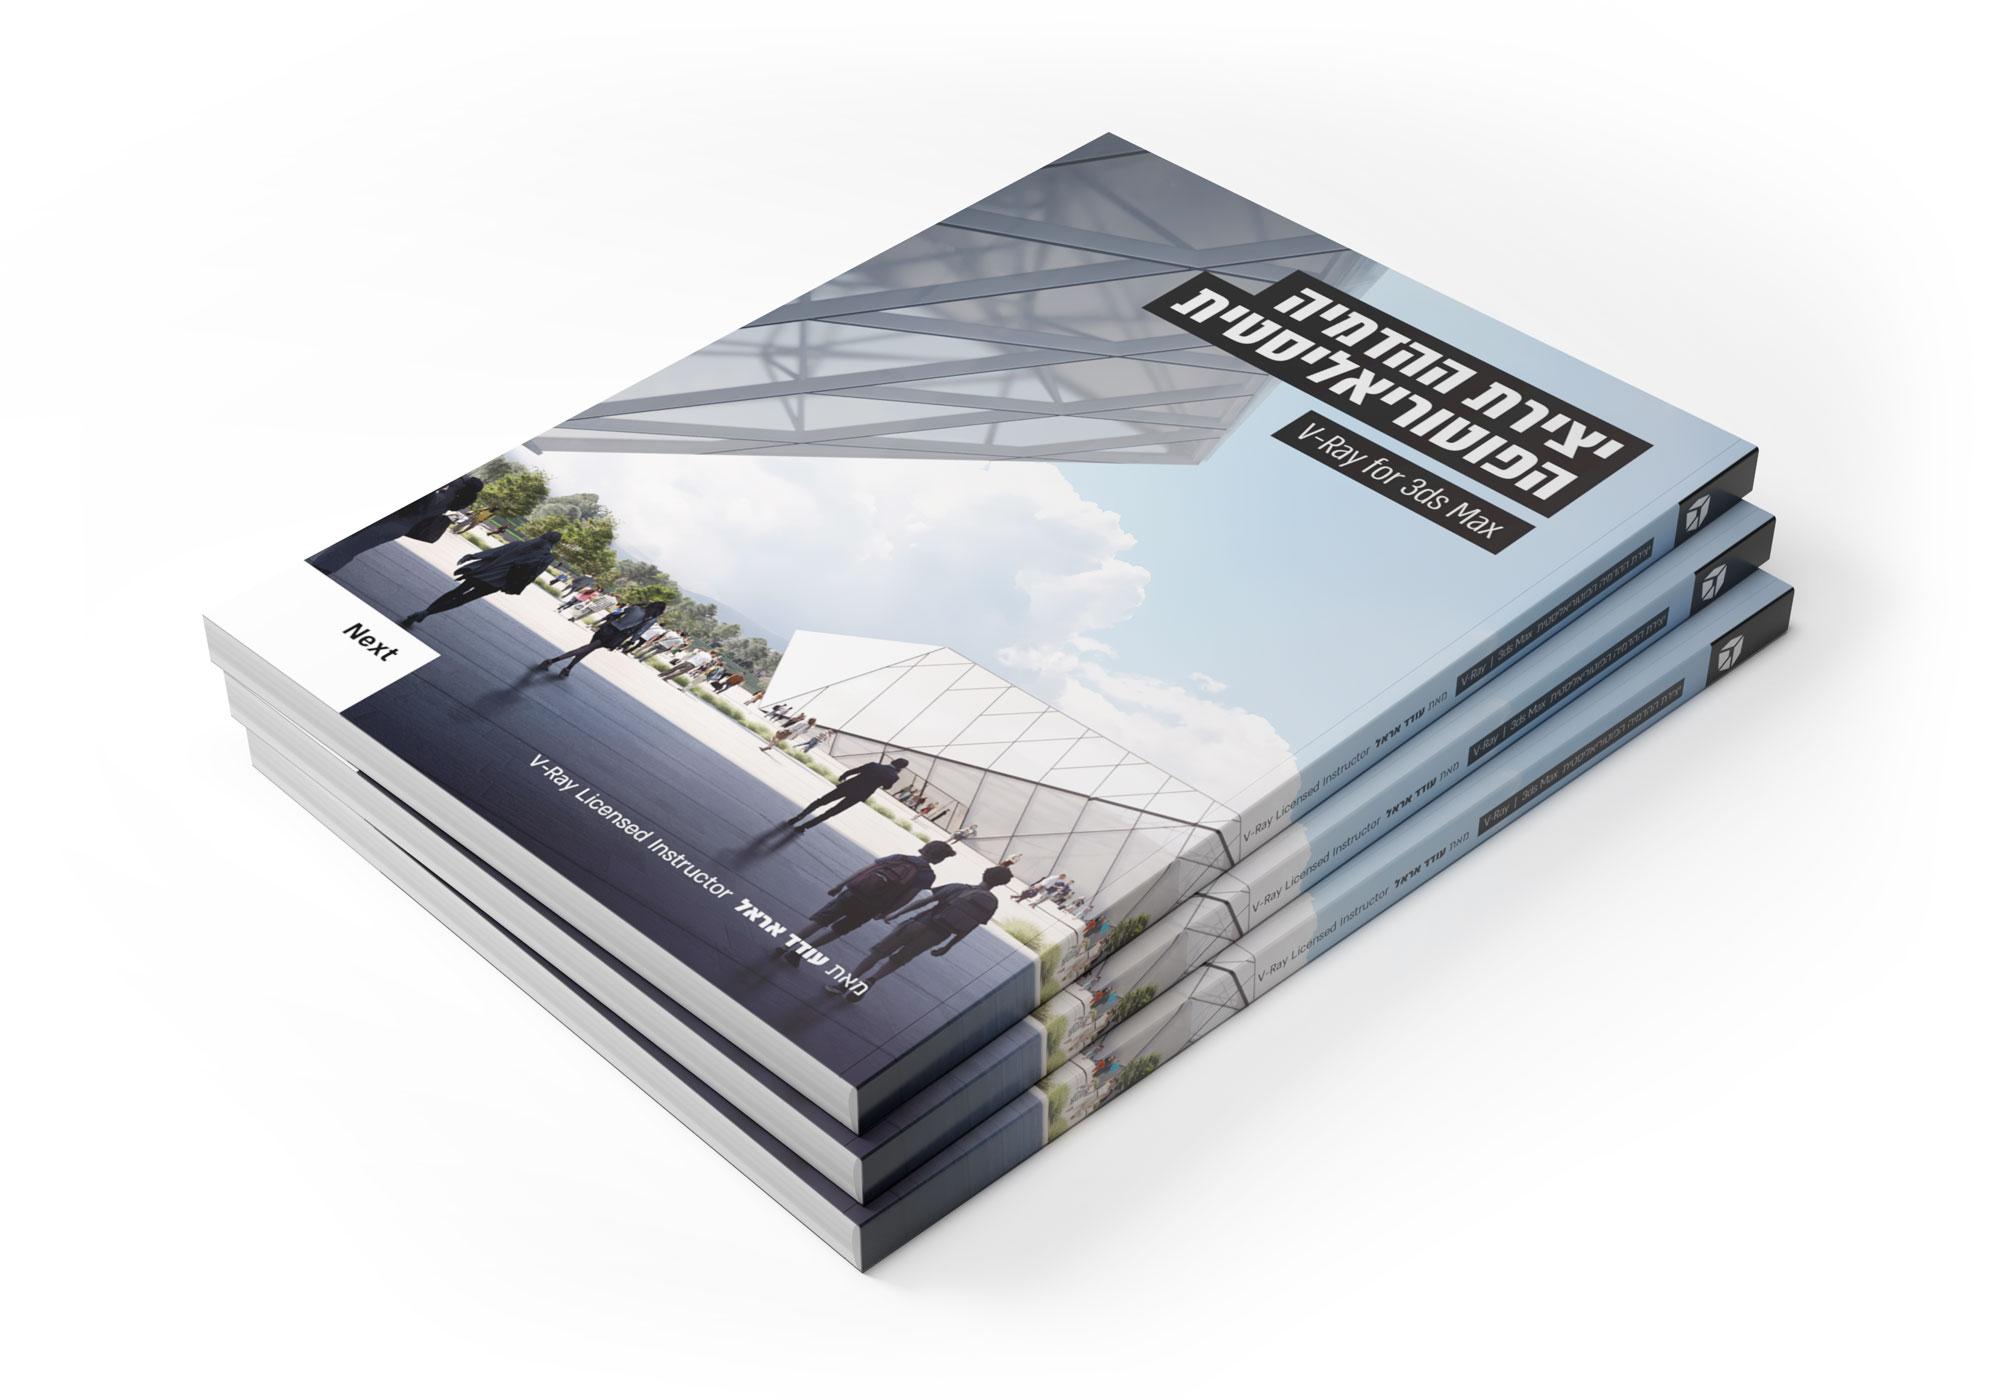 ספר הלימוד - יצירת ההדמיה הפוטוריאליסטית